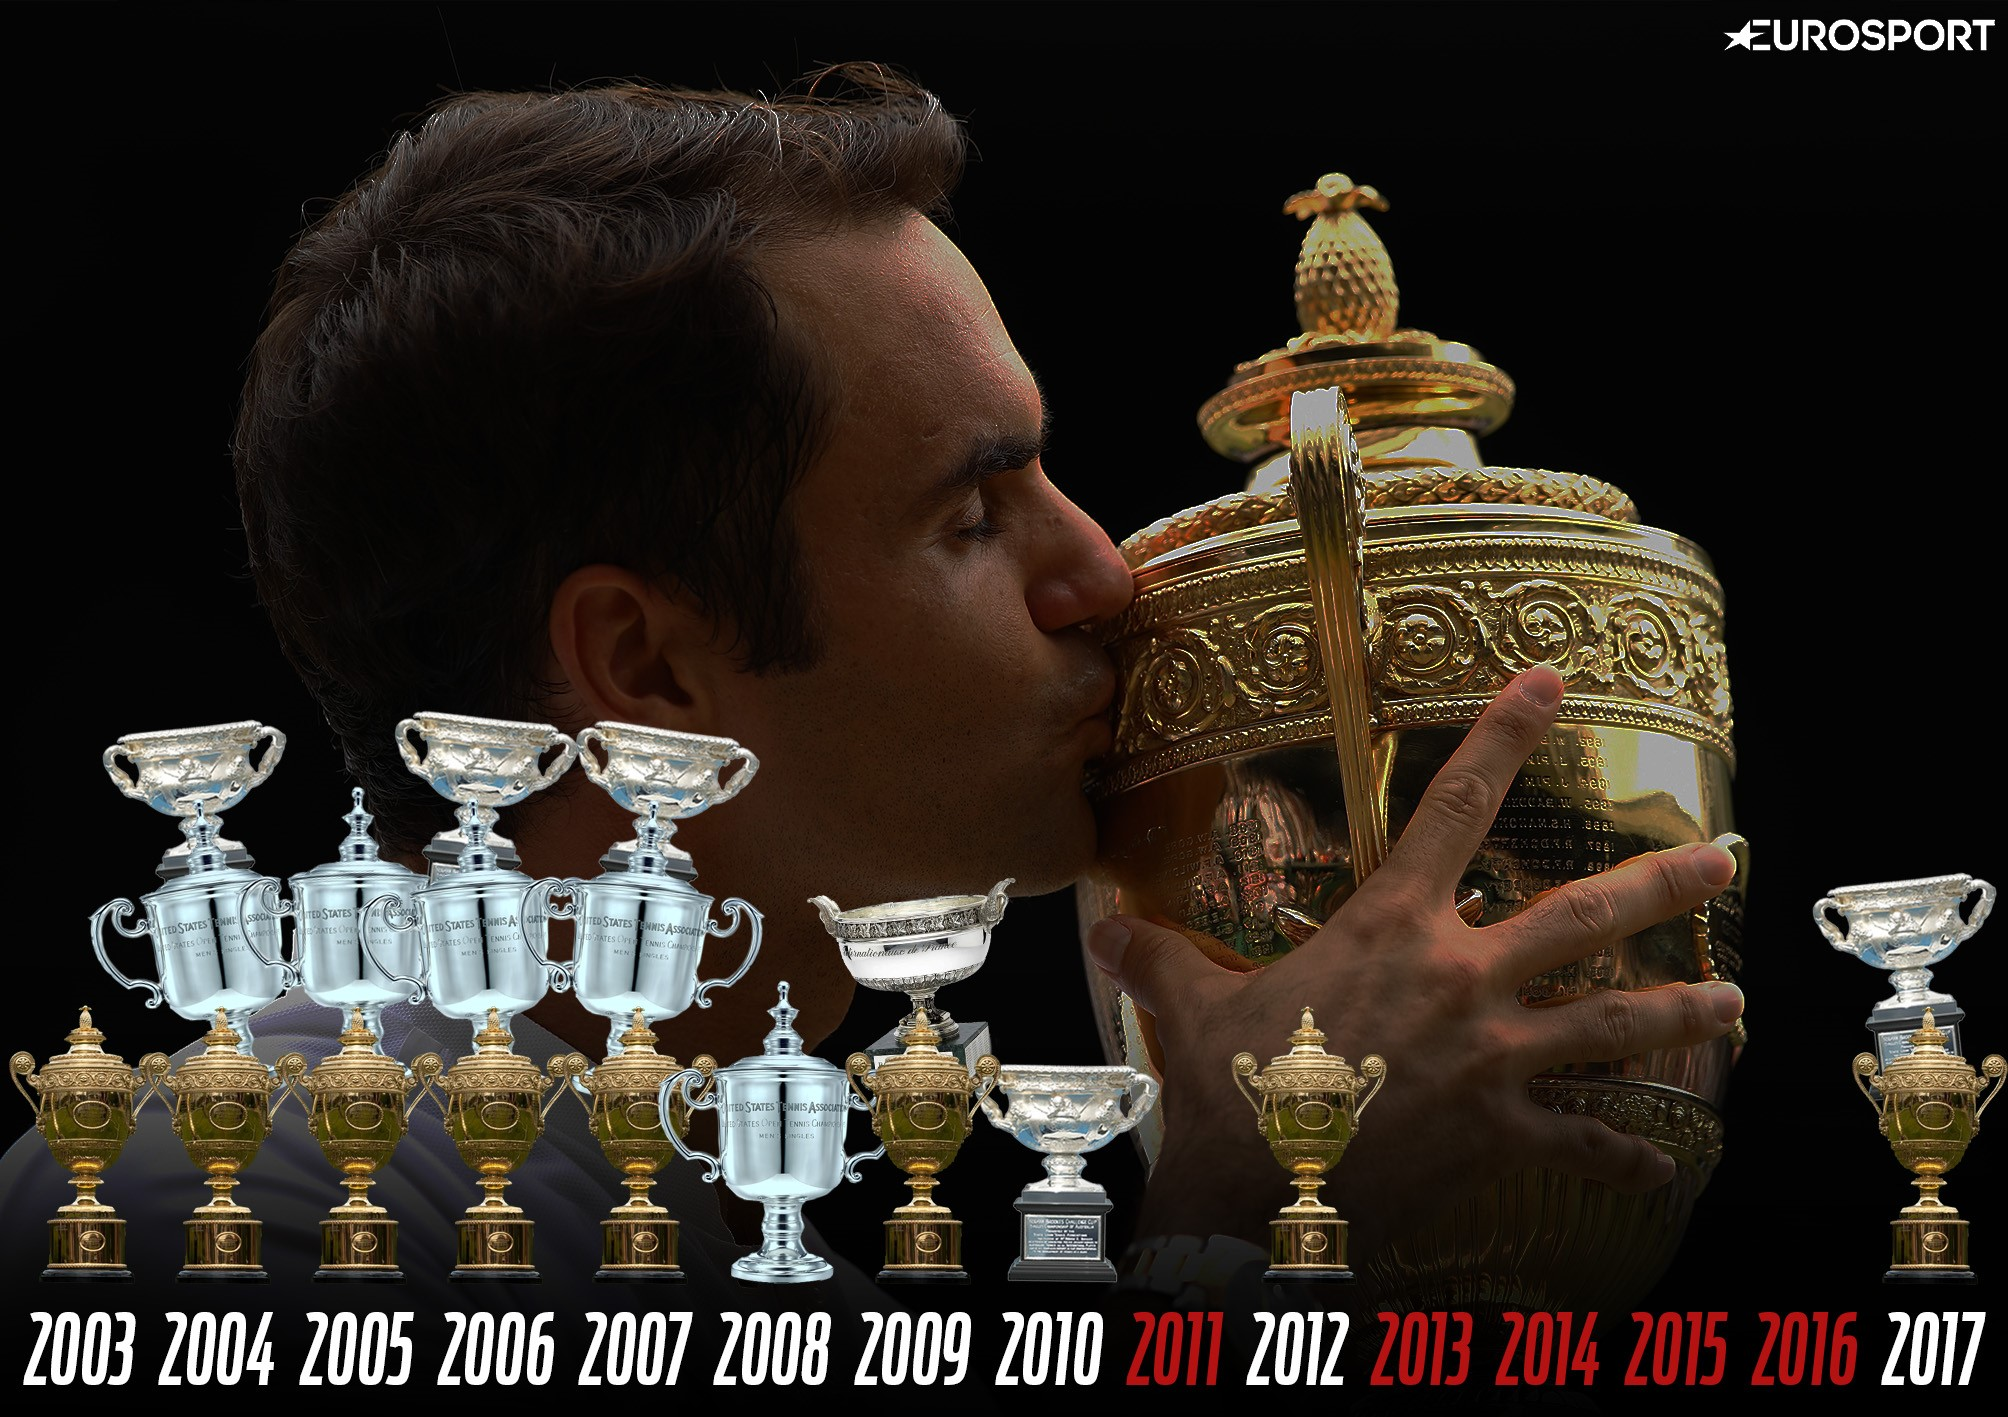 Federer's majors record